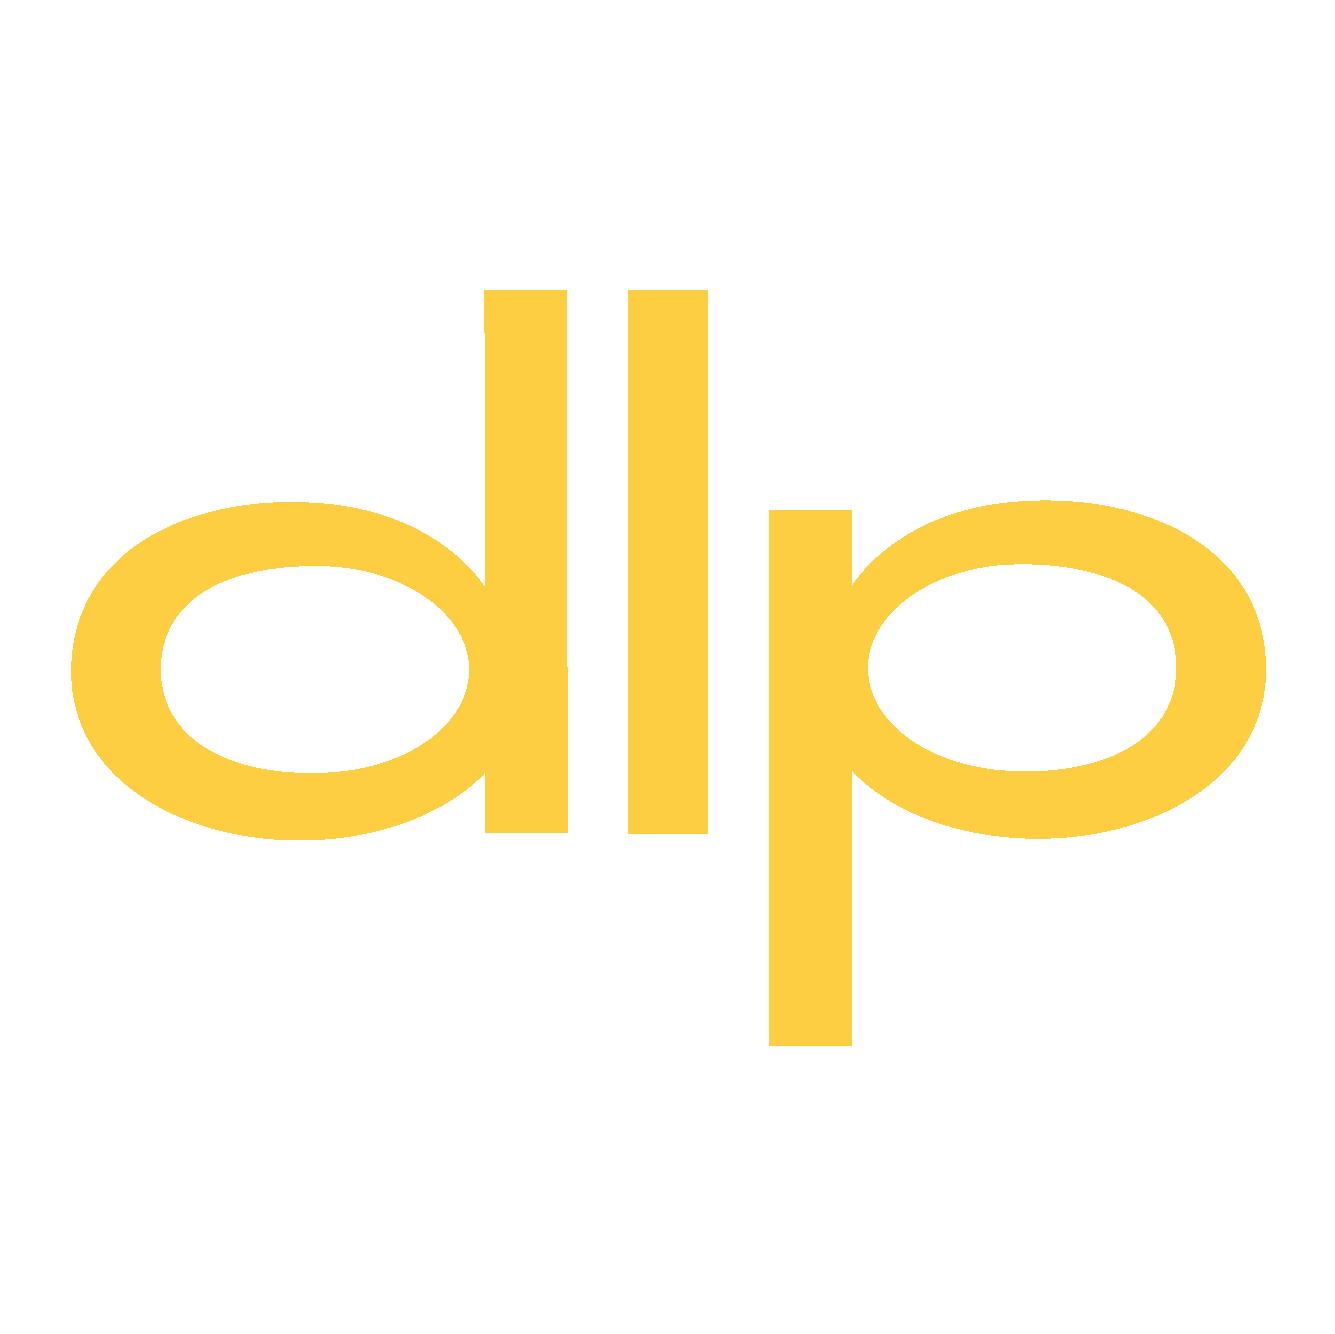 Dianne Policarpio